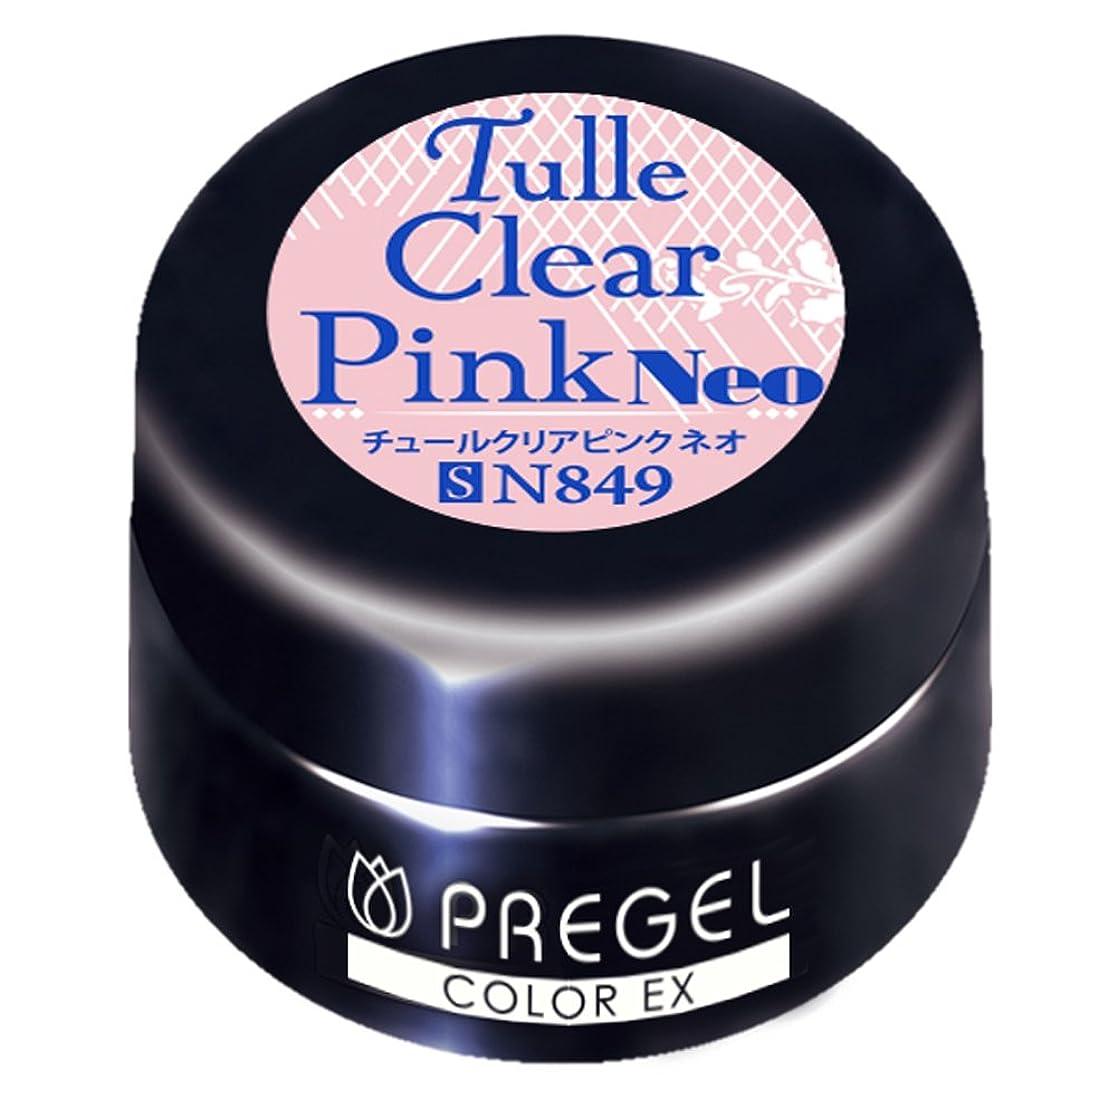 ボール男らしさ獣PRE GEL カラーEX チュールクリアピンクneo849 3g UV/LED対応